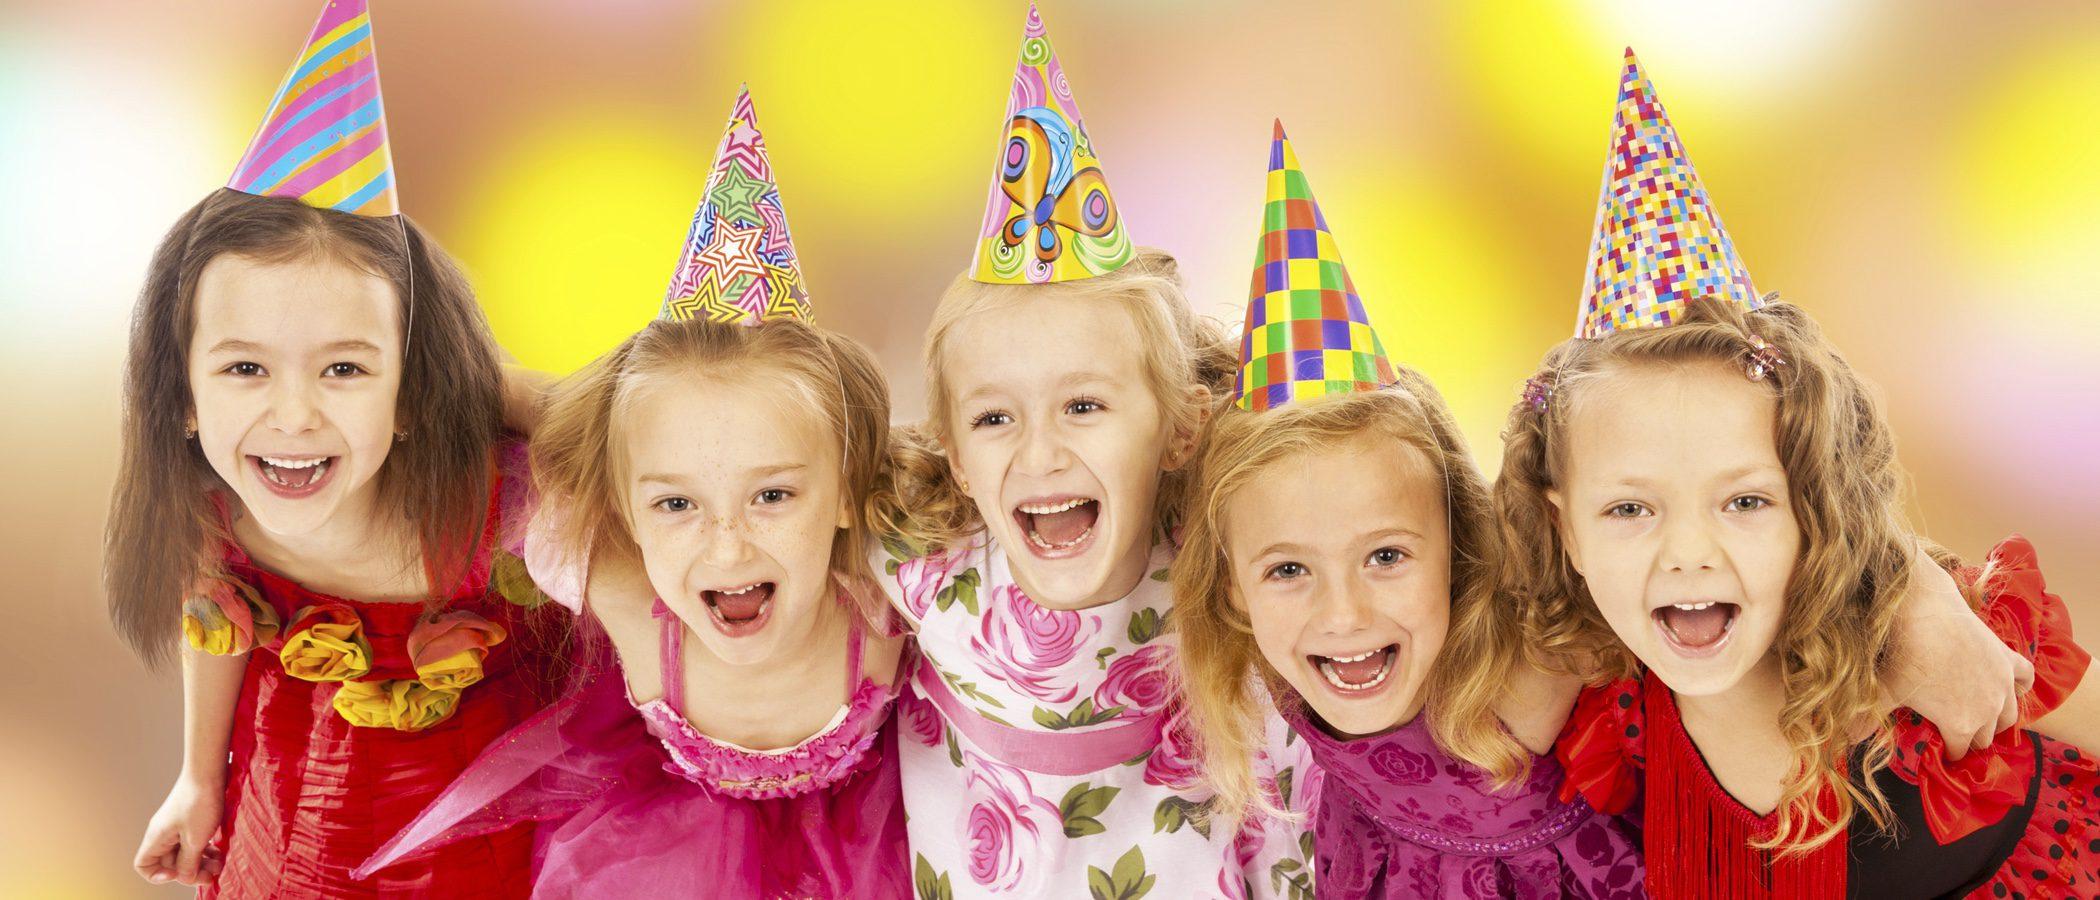 7 disfraces infantiles: convierte a tus hijos en un personaje Disney por Carnaval